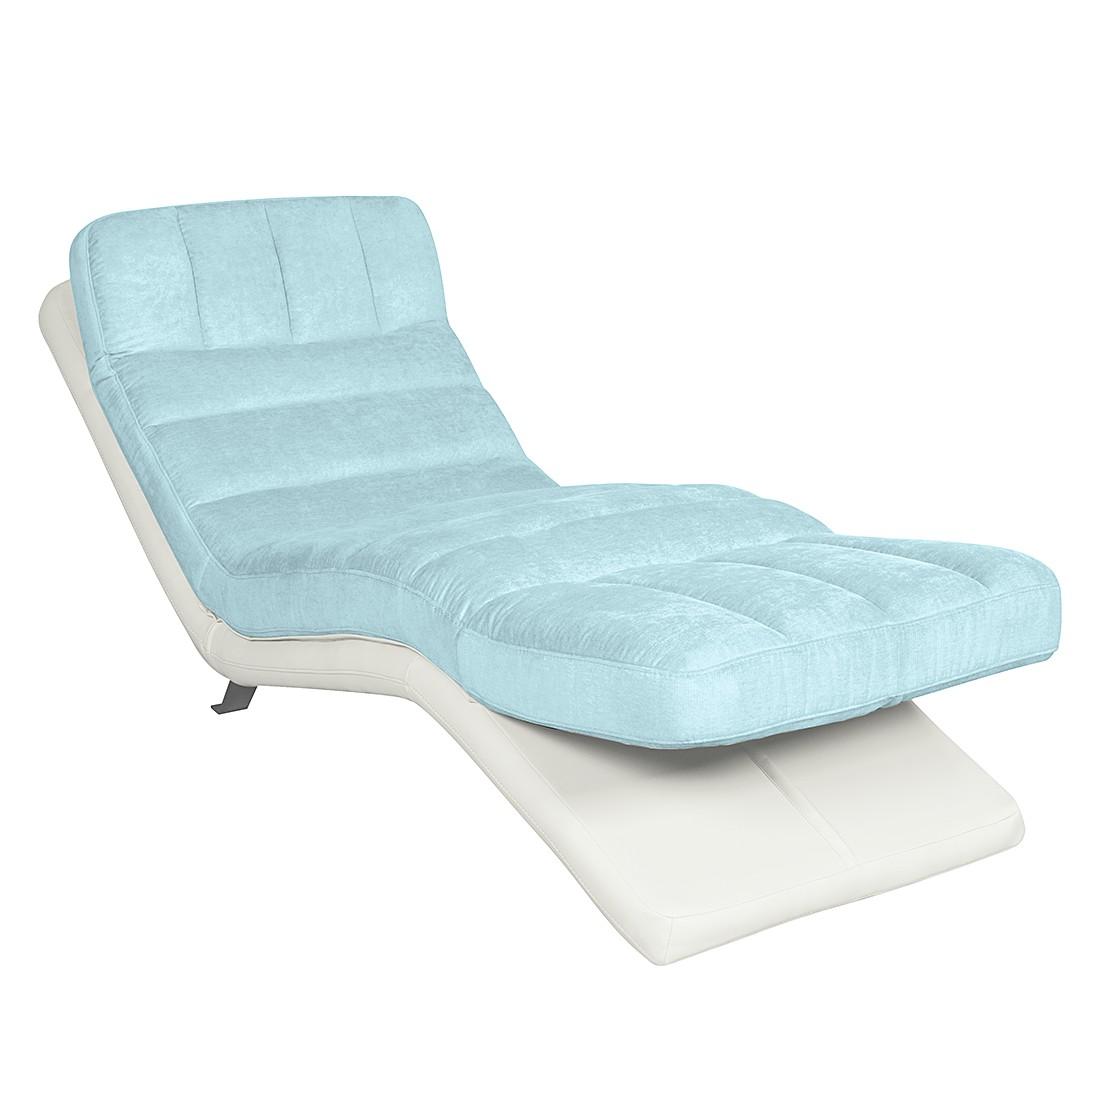 Relaxfauteuil Vascan - kunstleer/geweven stof grijs - Wit/lichtblauw, Cotta